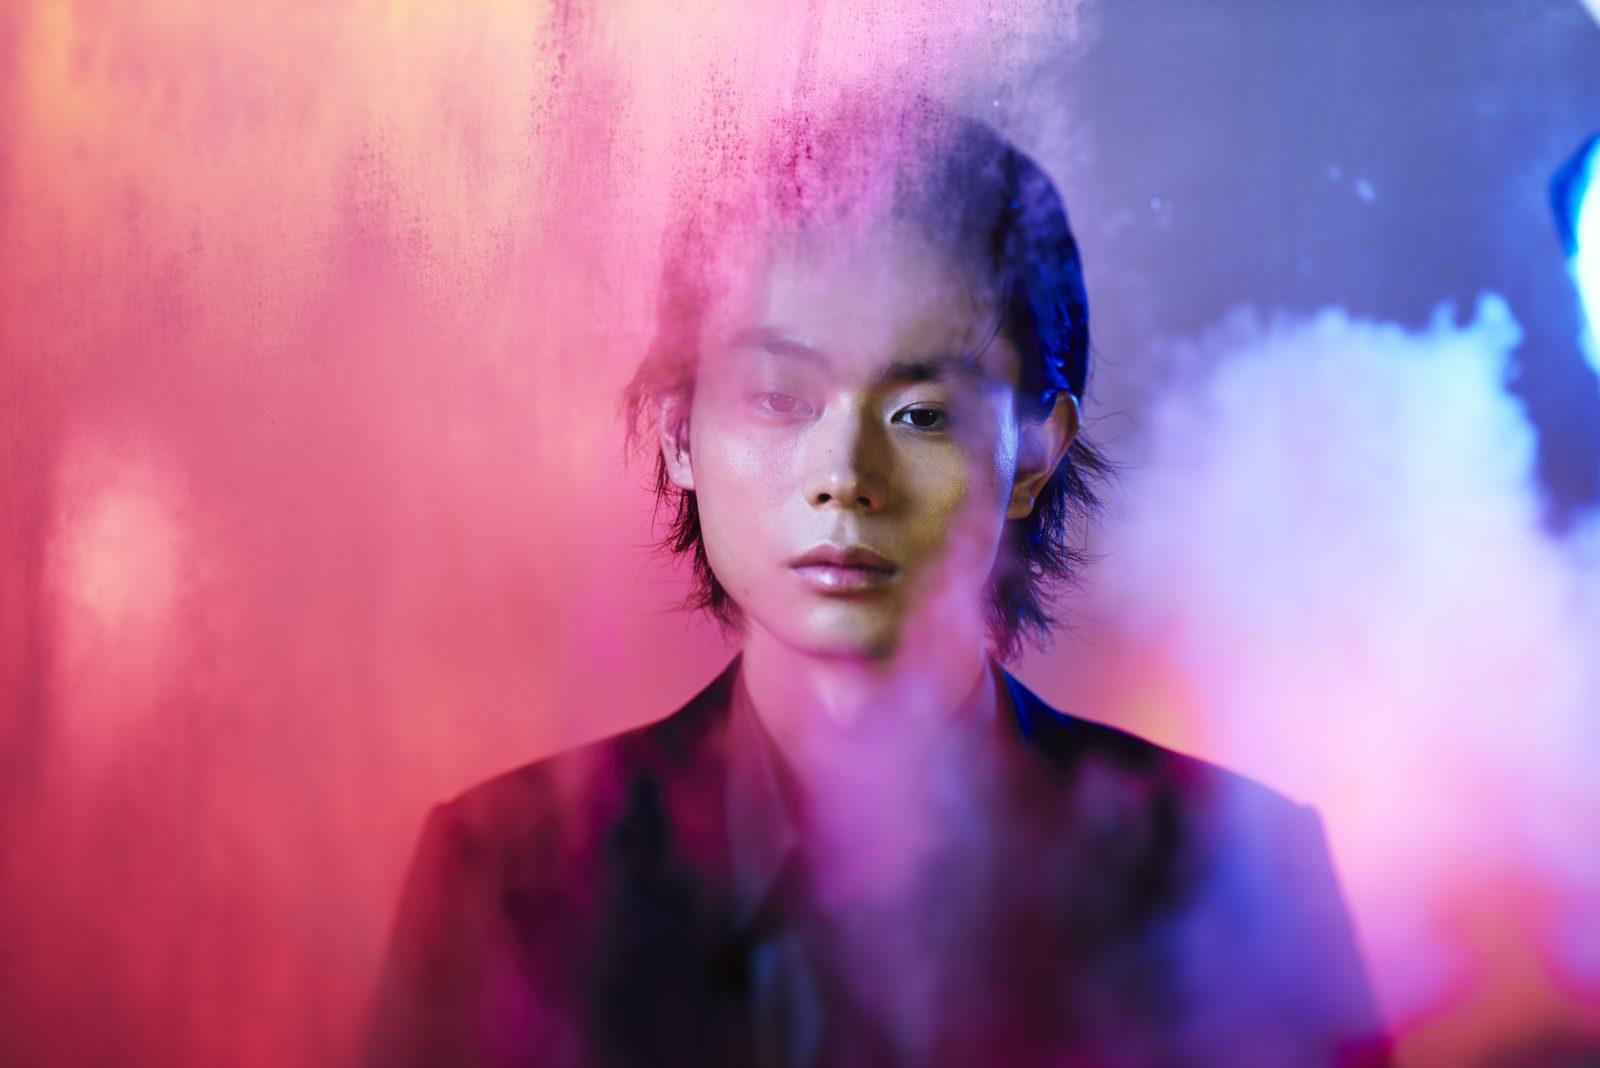 菅田将暉 新曲「呼吸」発売日に本人直筆歌詞をOFFICIAL HPにて公開サムネイル画像